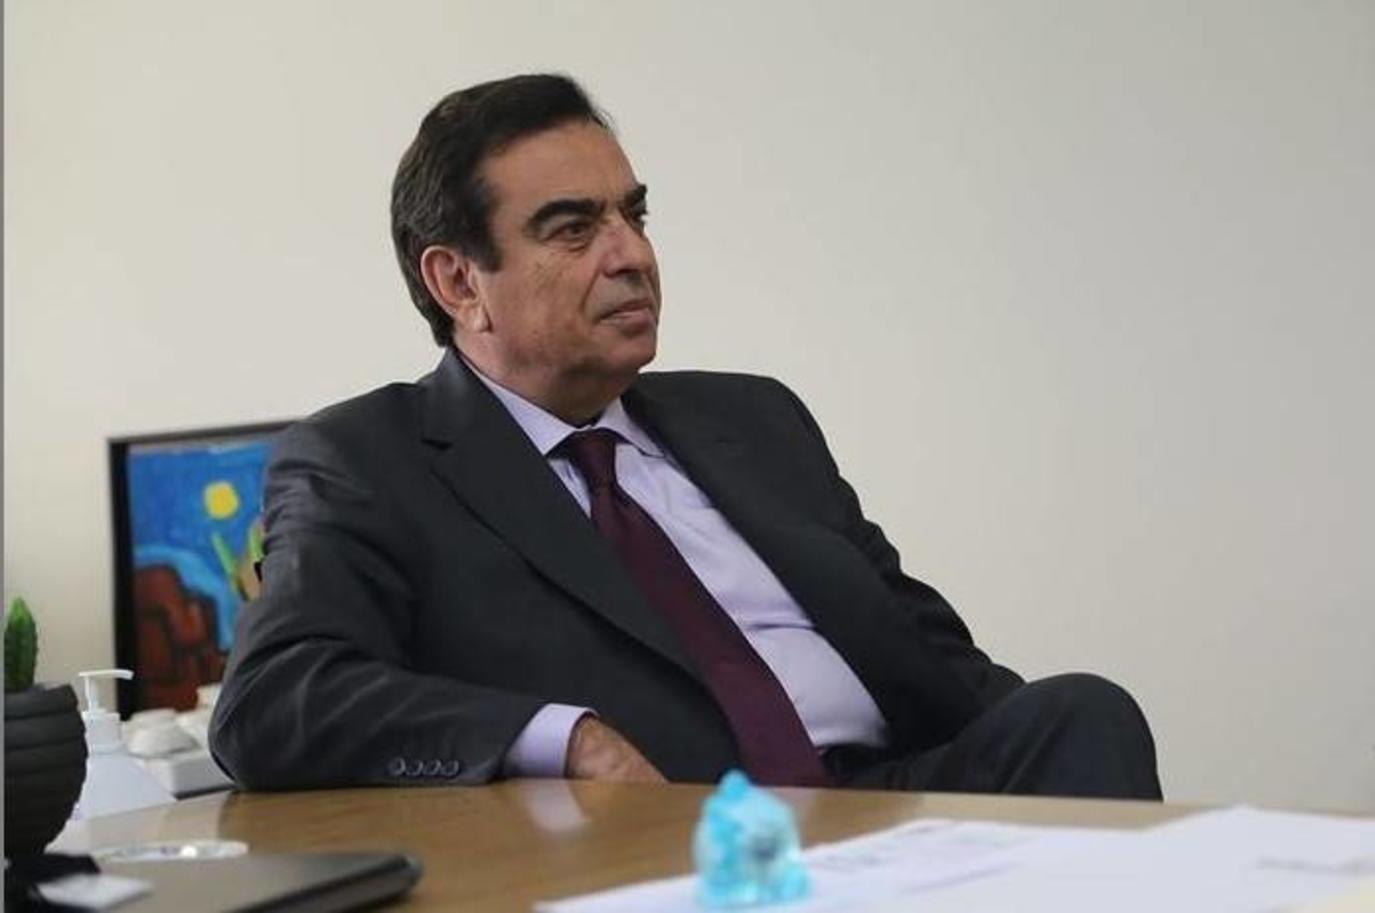 أول تصريح لجورج قرداحي وزير الإعلام اللبناني الجديد العائد من الإمارات